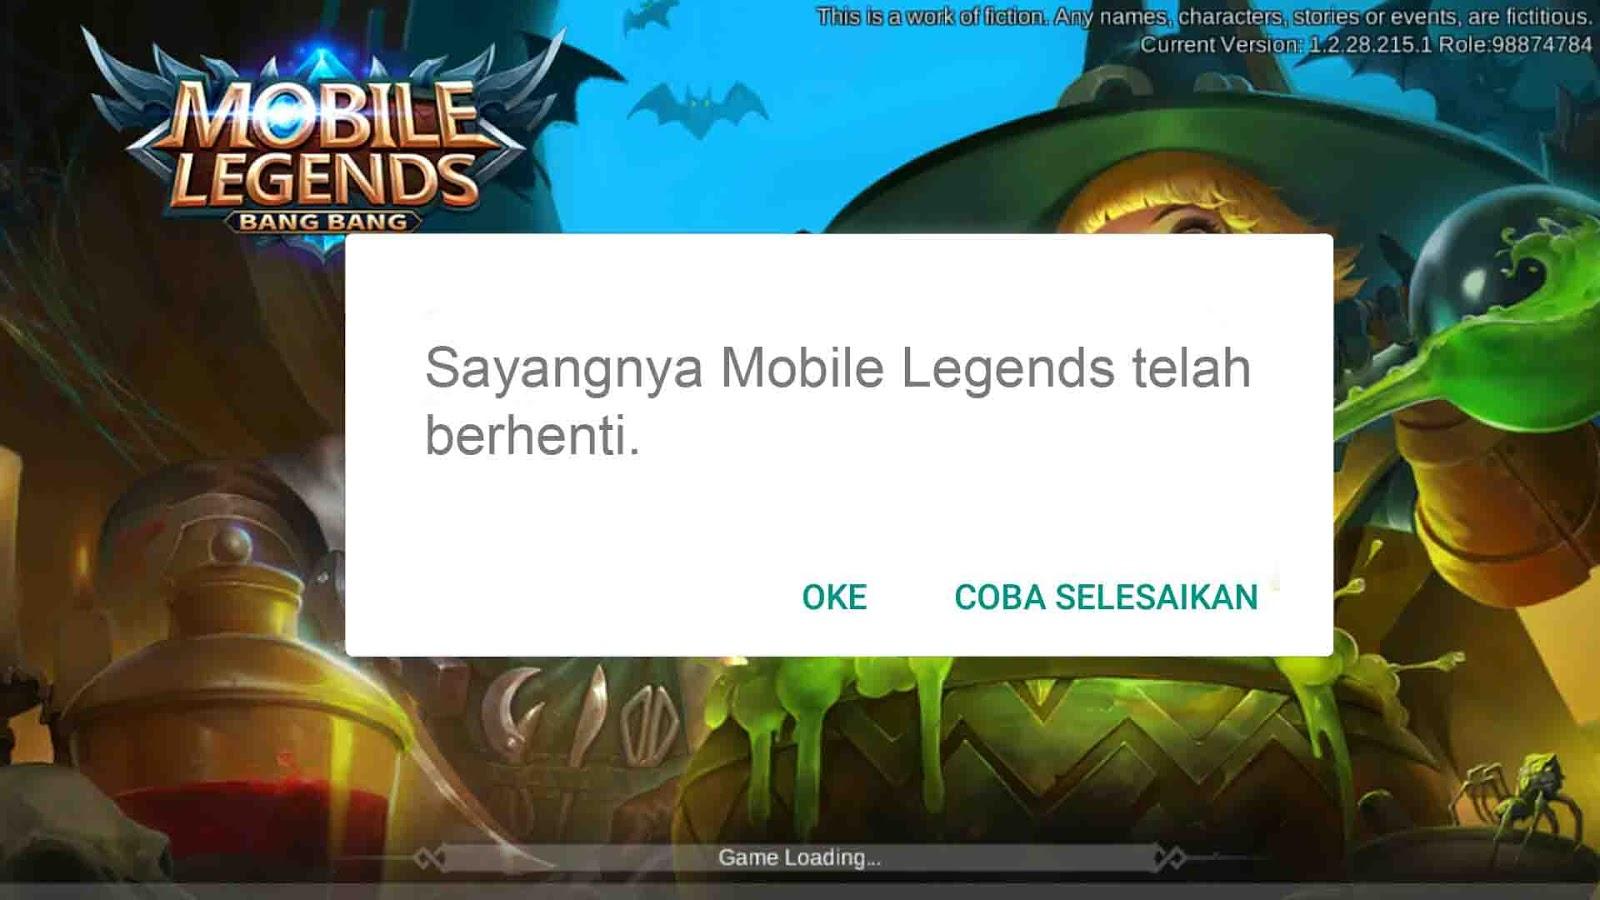 sayangnya mobile legends telah berhenti